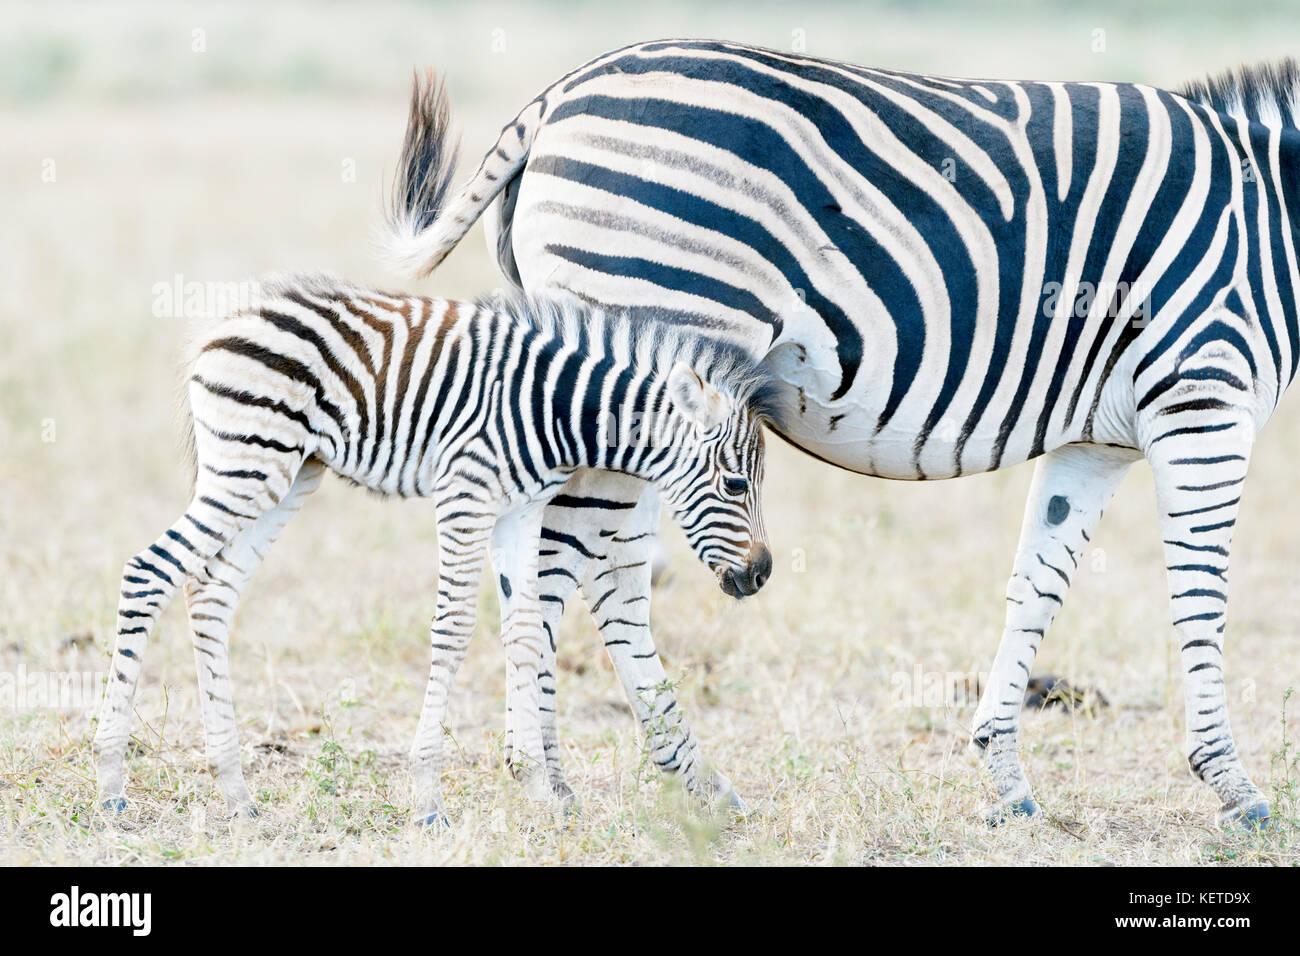 Zèbre des plaines (Equus quagga) poulain essayant de boire avec la mère, Kruger National Park, Afrique Photo Stock